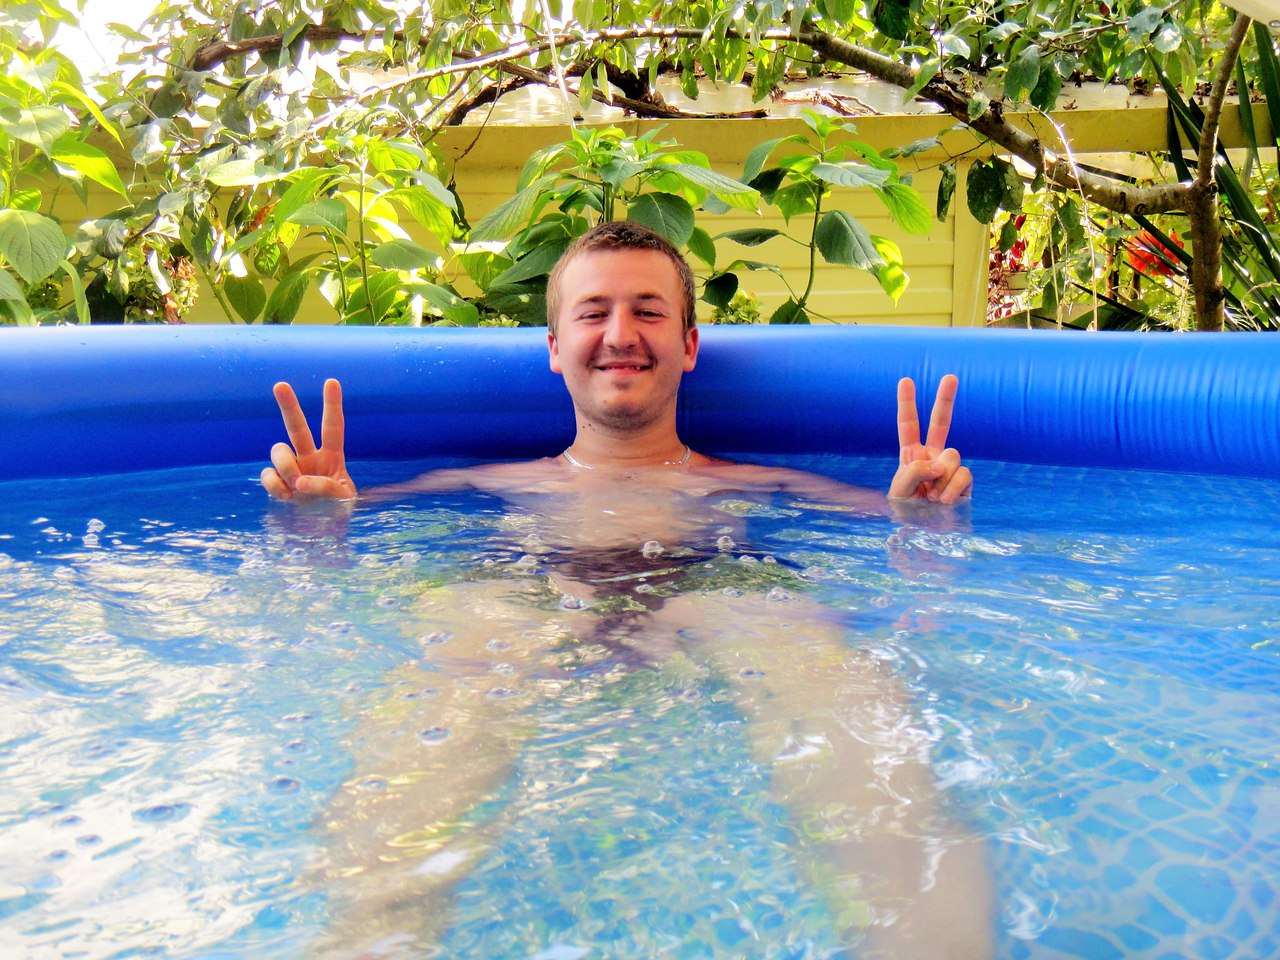 надувной бассейн, ребенок, семья, счастье, плавать раньше чем ходить